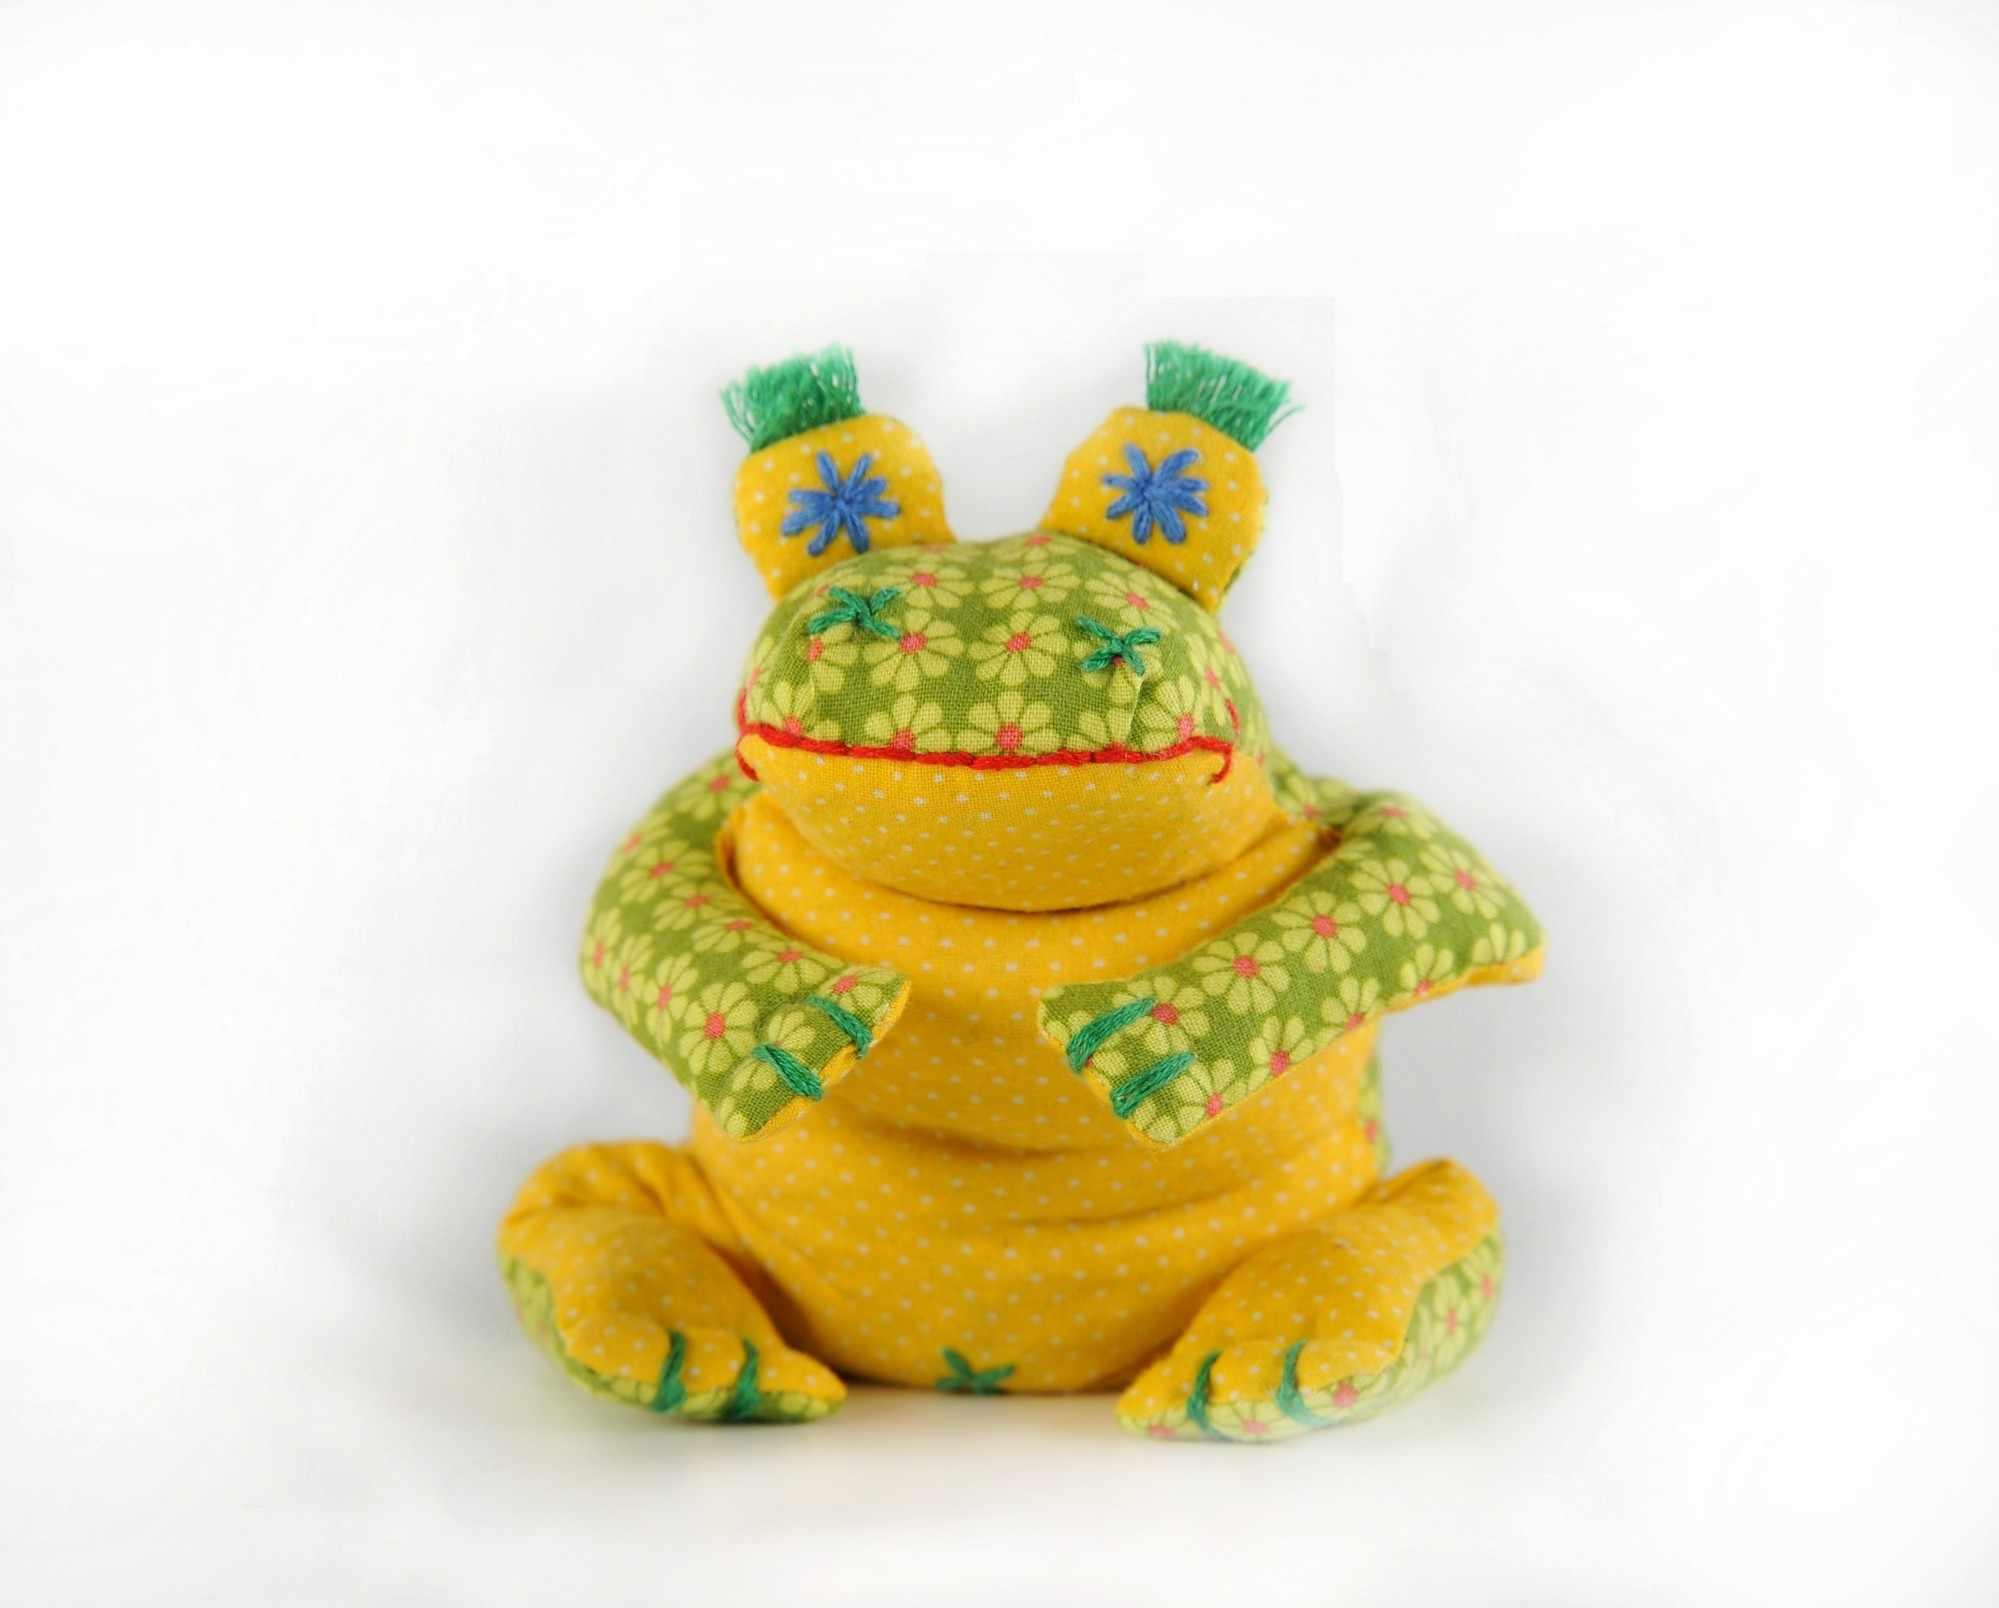 П 114 Лягушенок Ква - игрушка (Перловка)